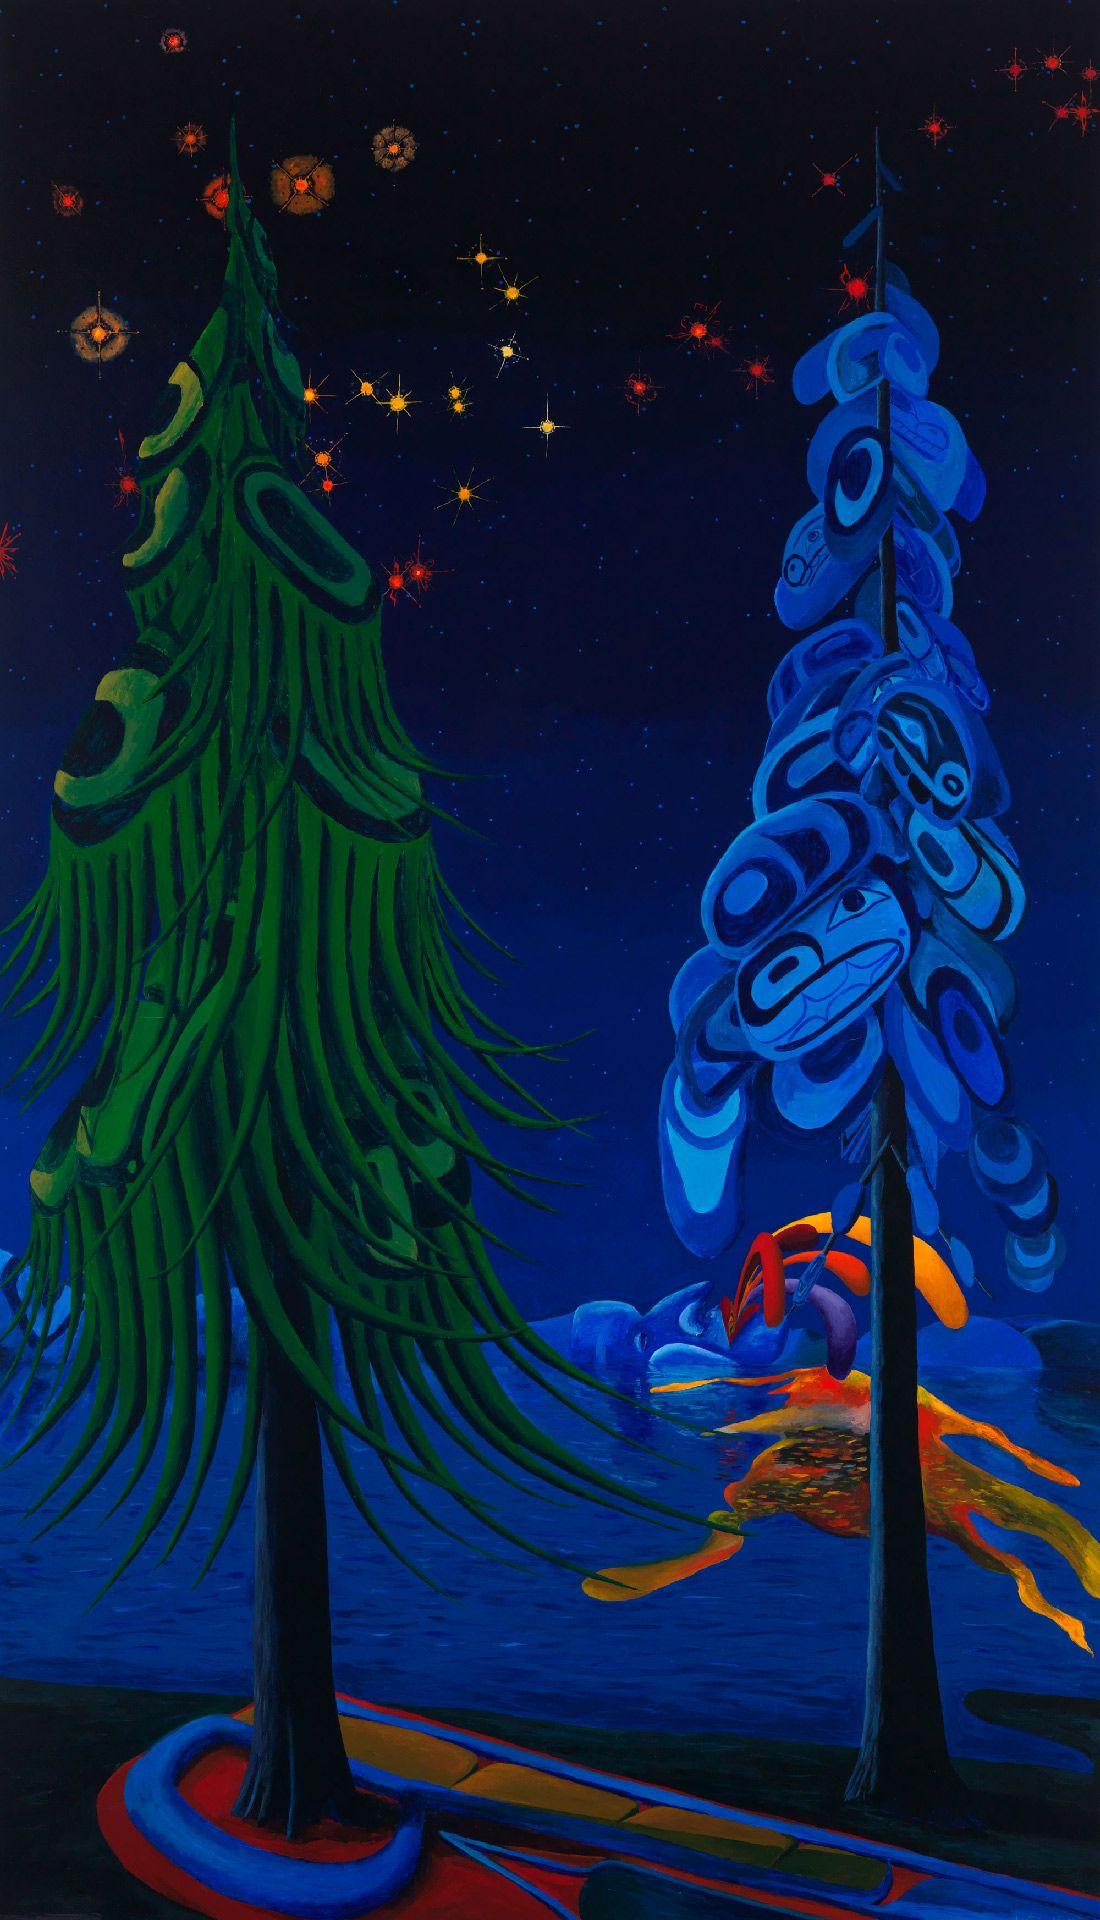 Lawrence Paul Yuxweluptun (né en 1957), Pollycouleur, 2014, acrylique sur toile. Photo Joseph Hartman.